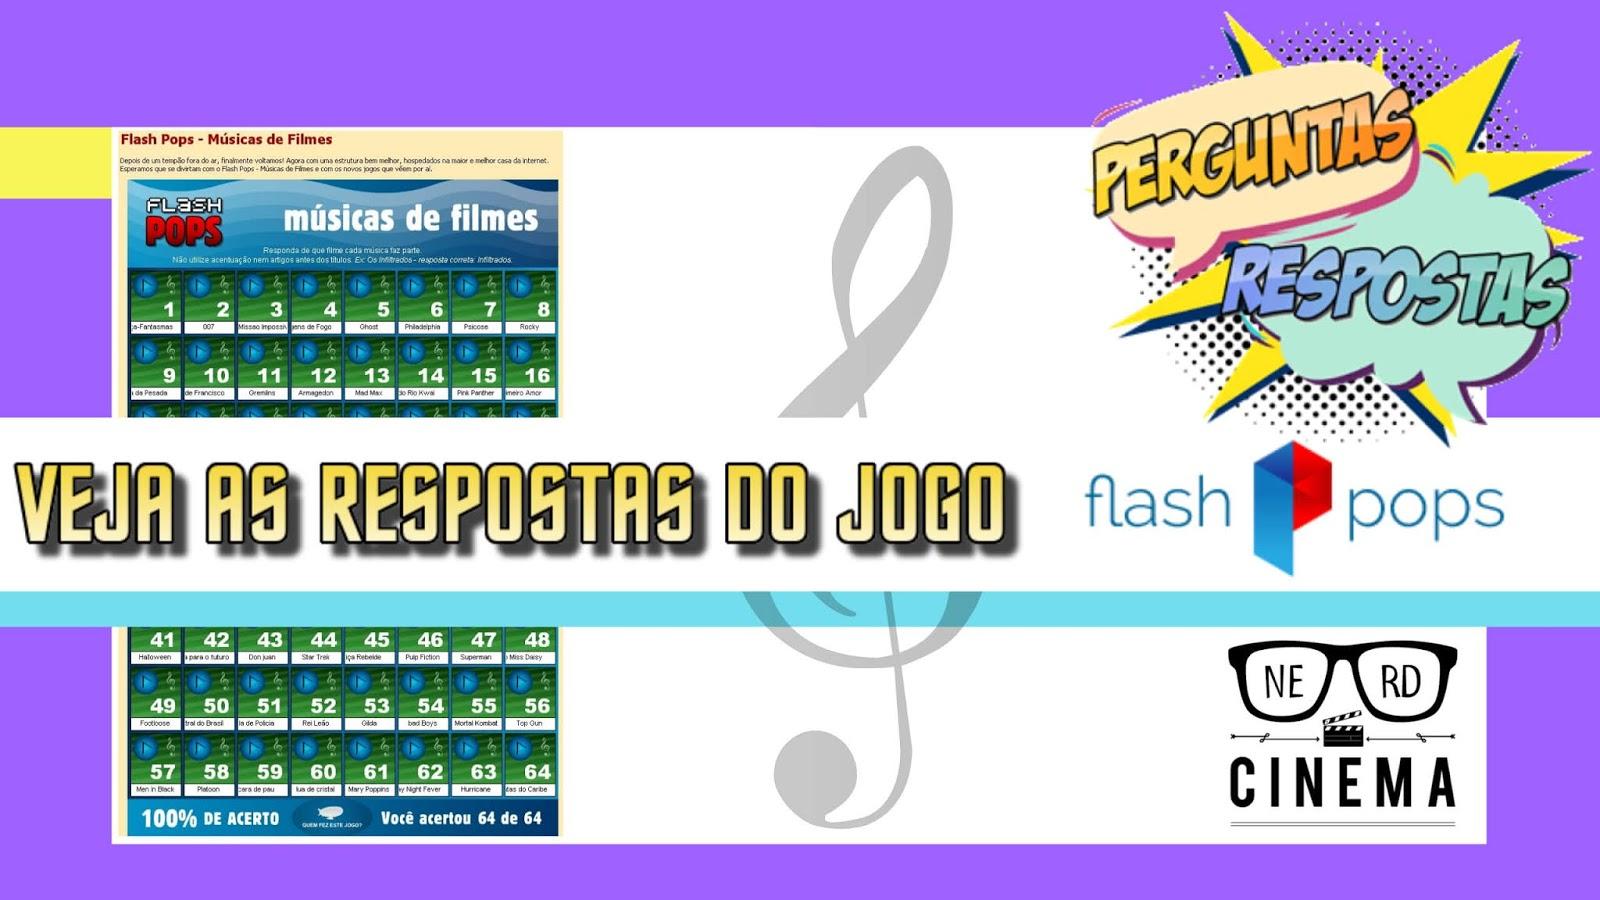 respostas-flash-pops-musicas-de-filmes